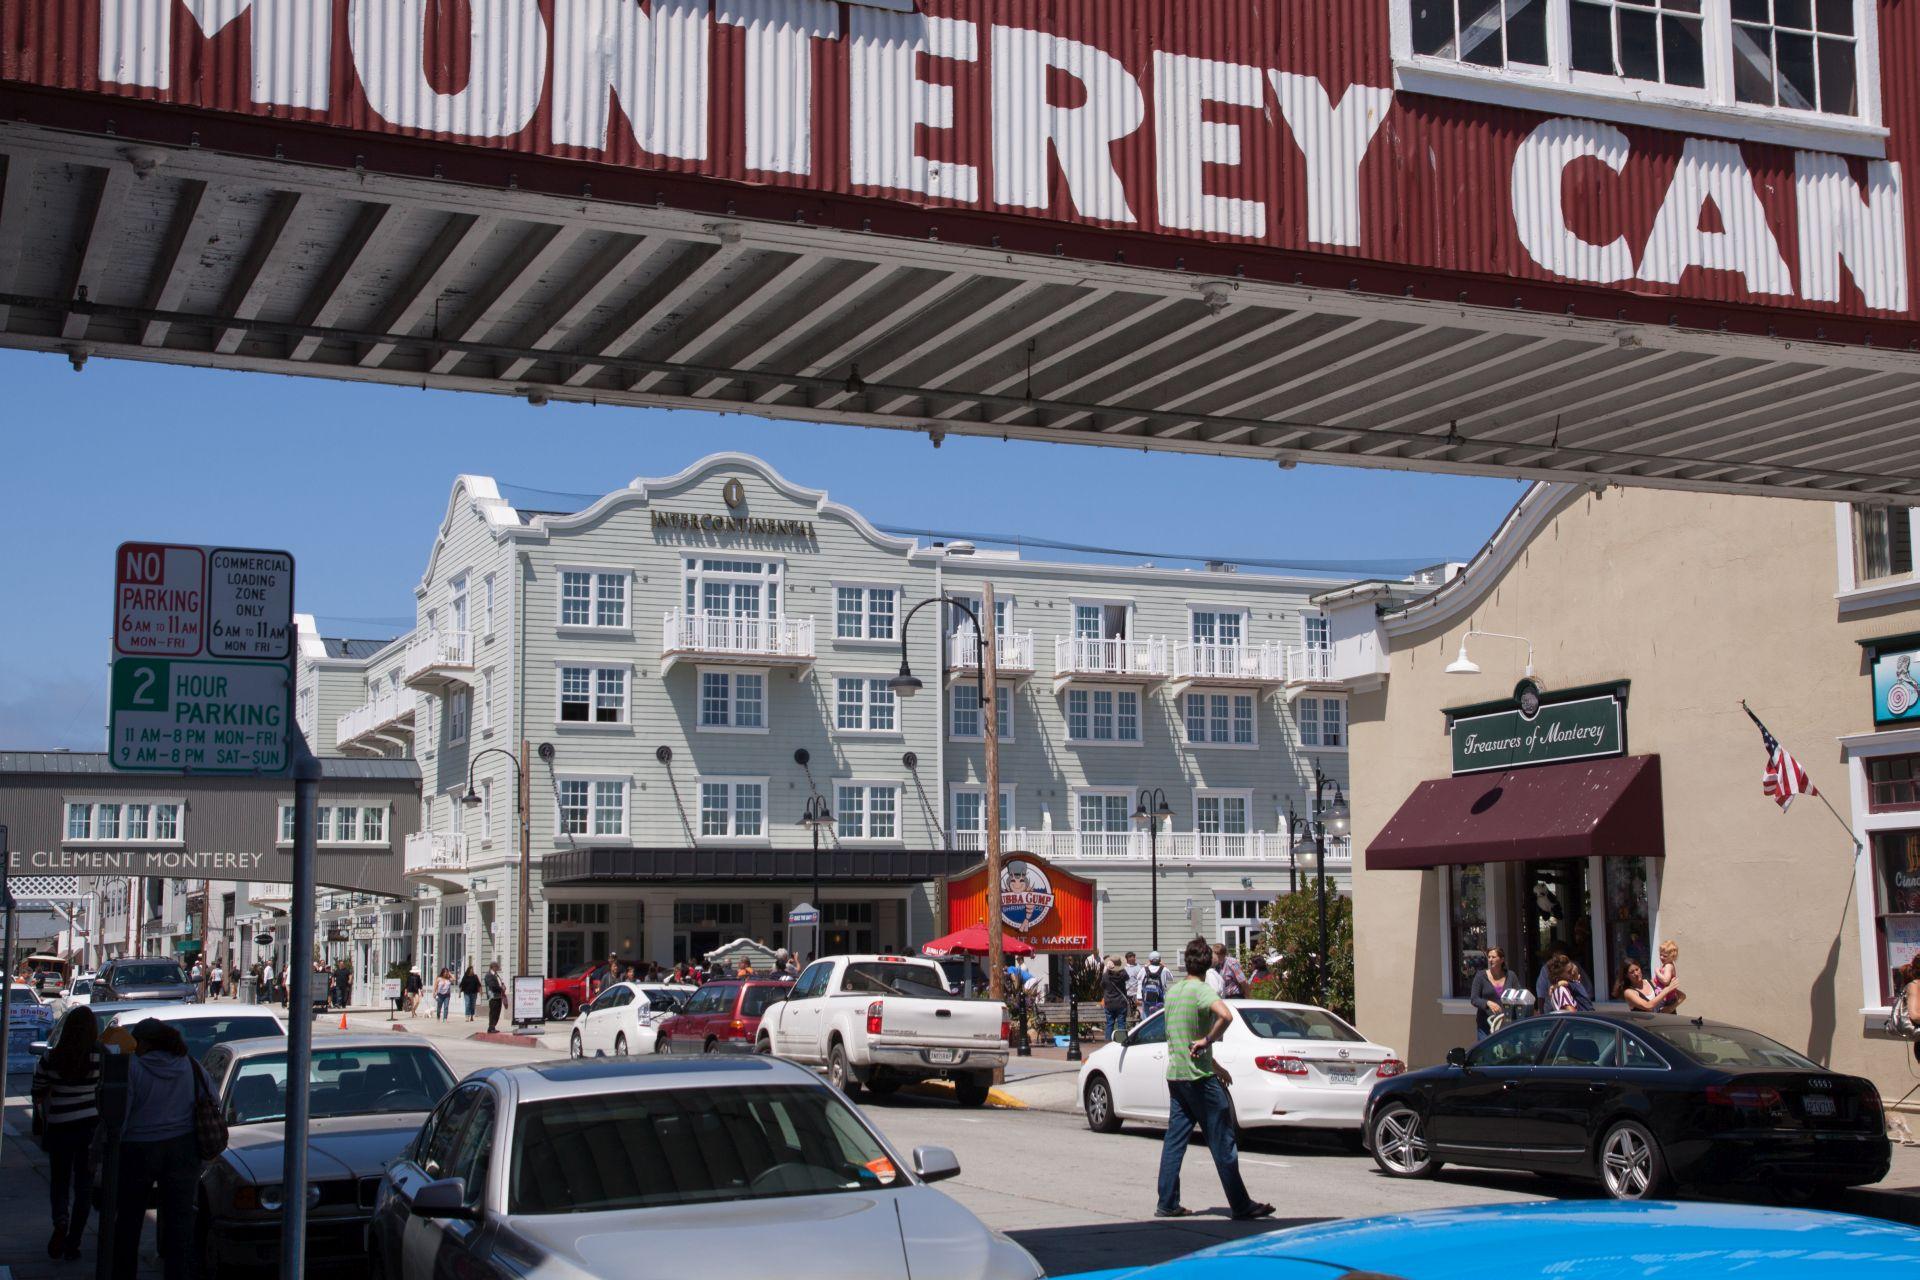 Monterey - Fishermans Wharf